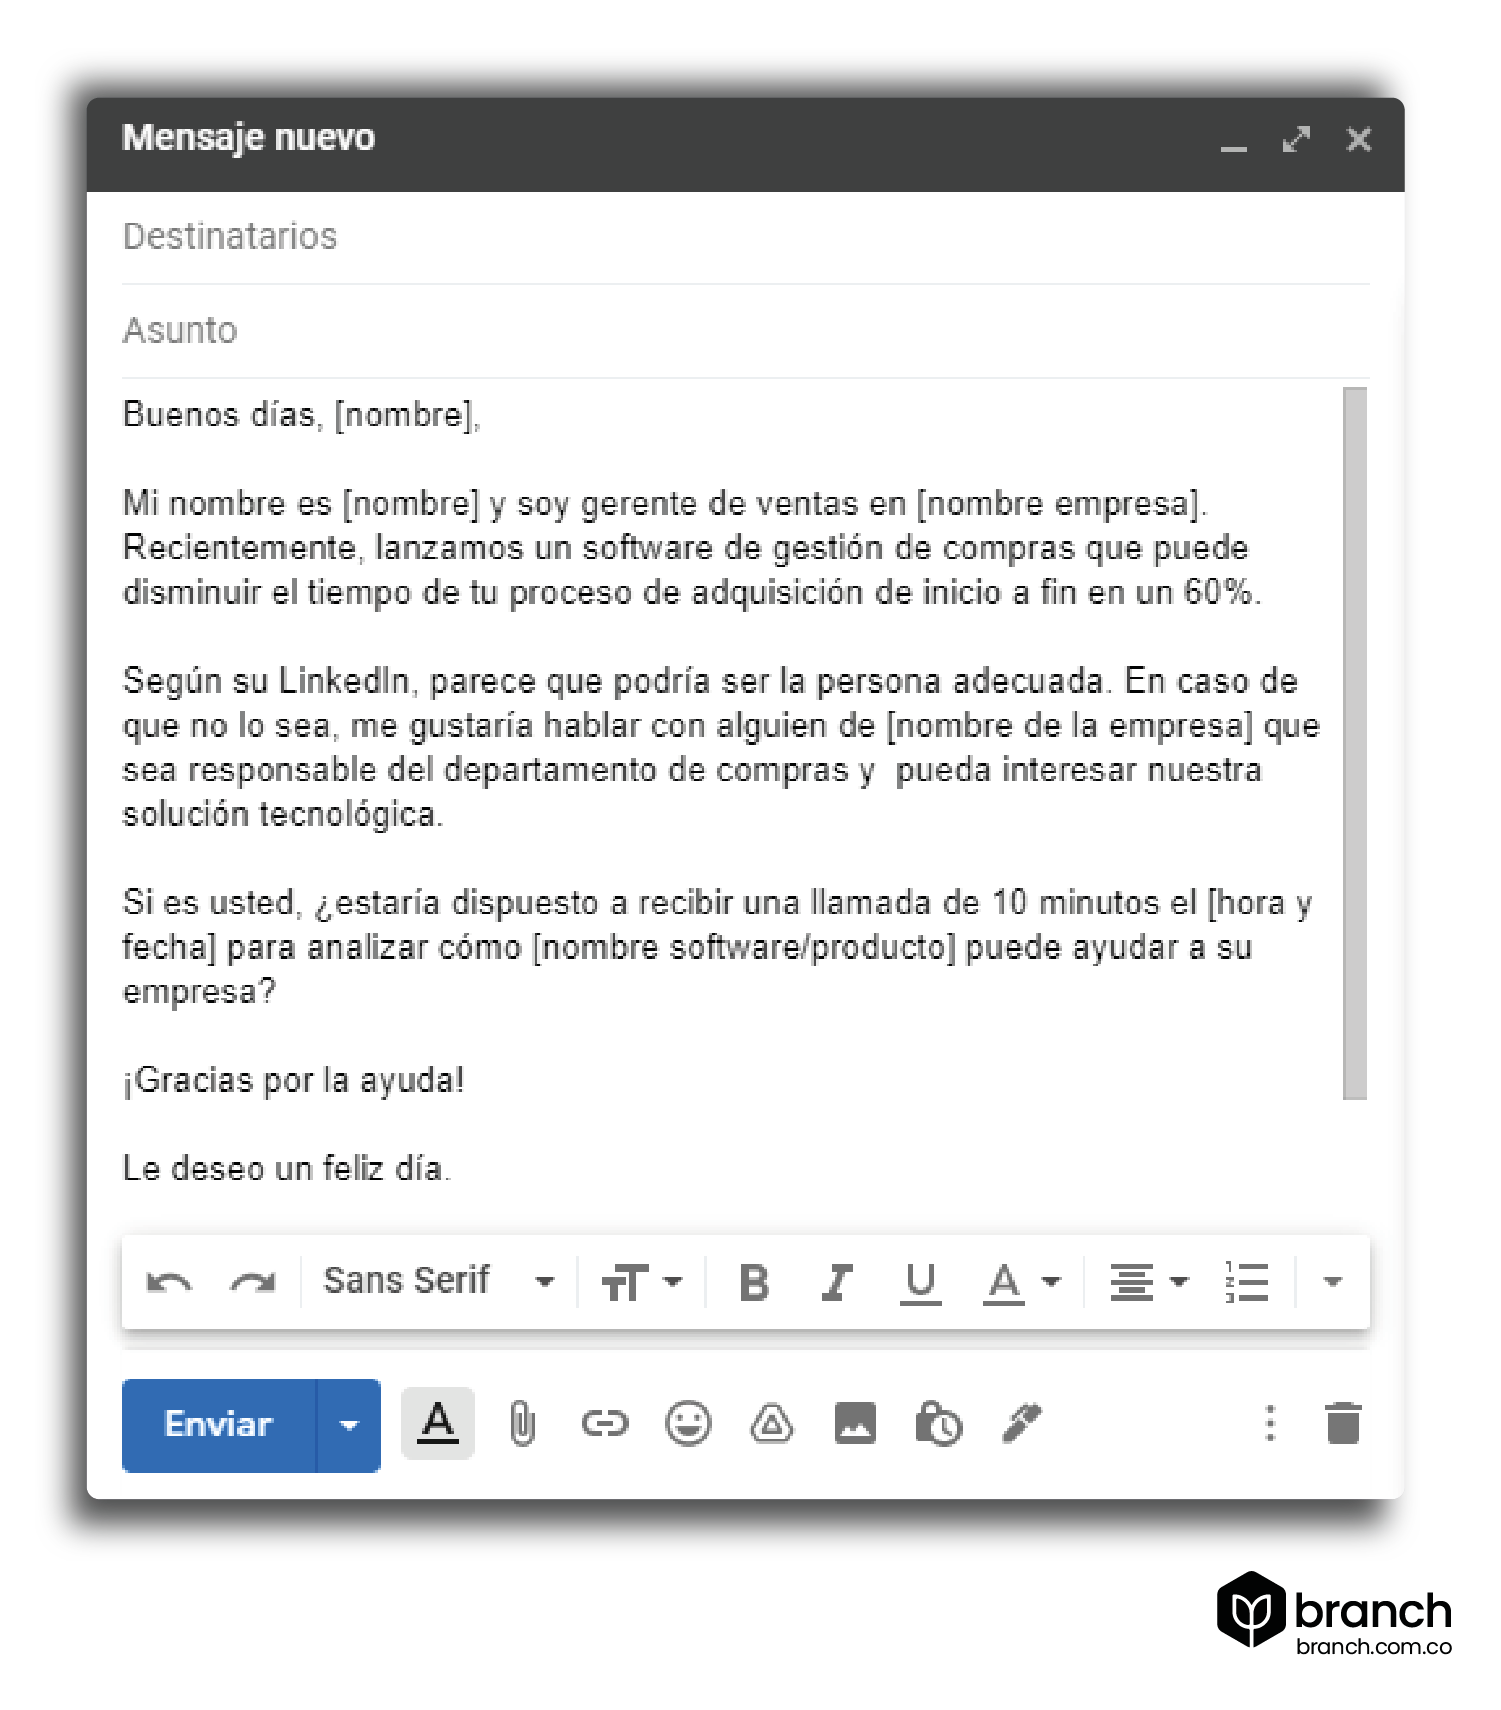 ejemplo-de-correo-con-tenica-de-email-frio-si-no-conoces-al-destinatario